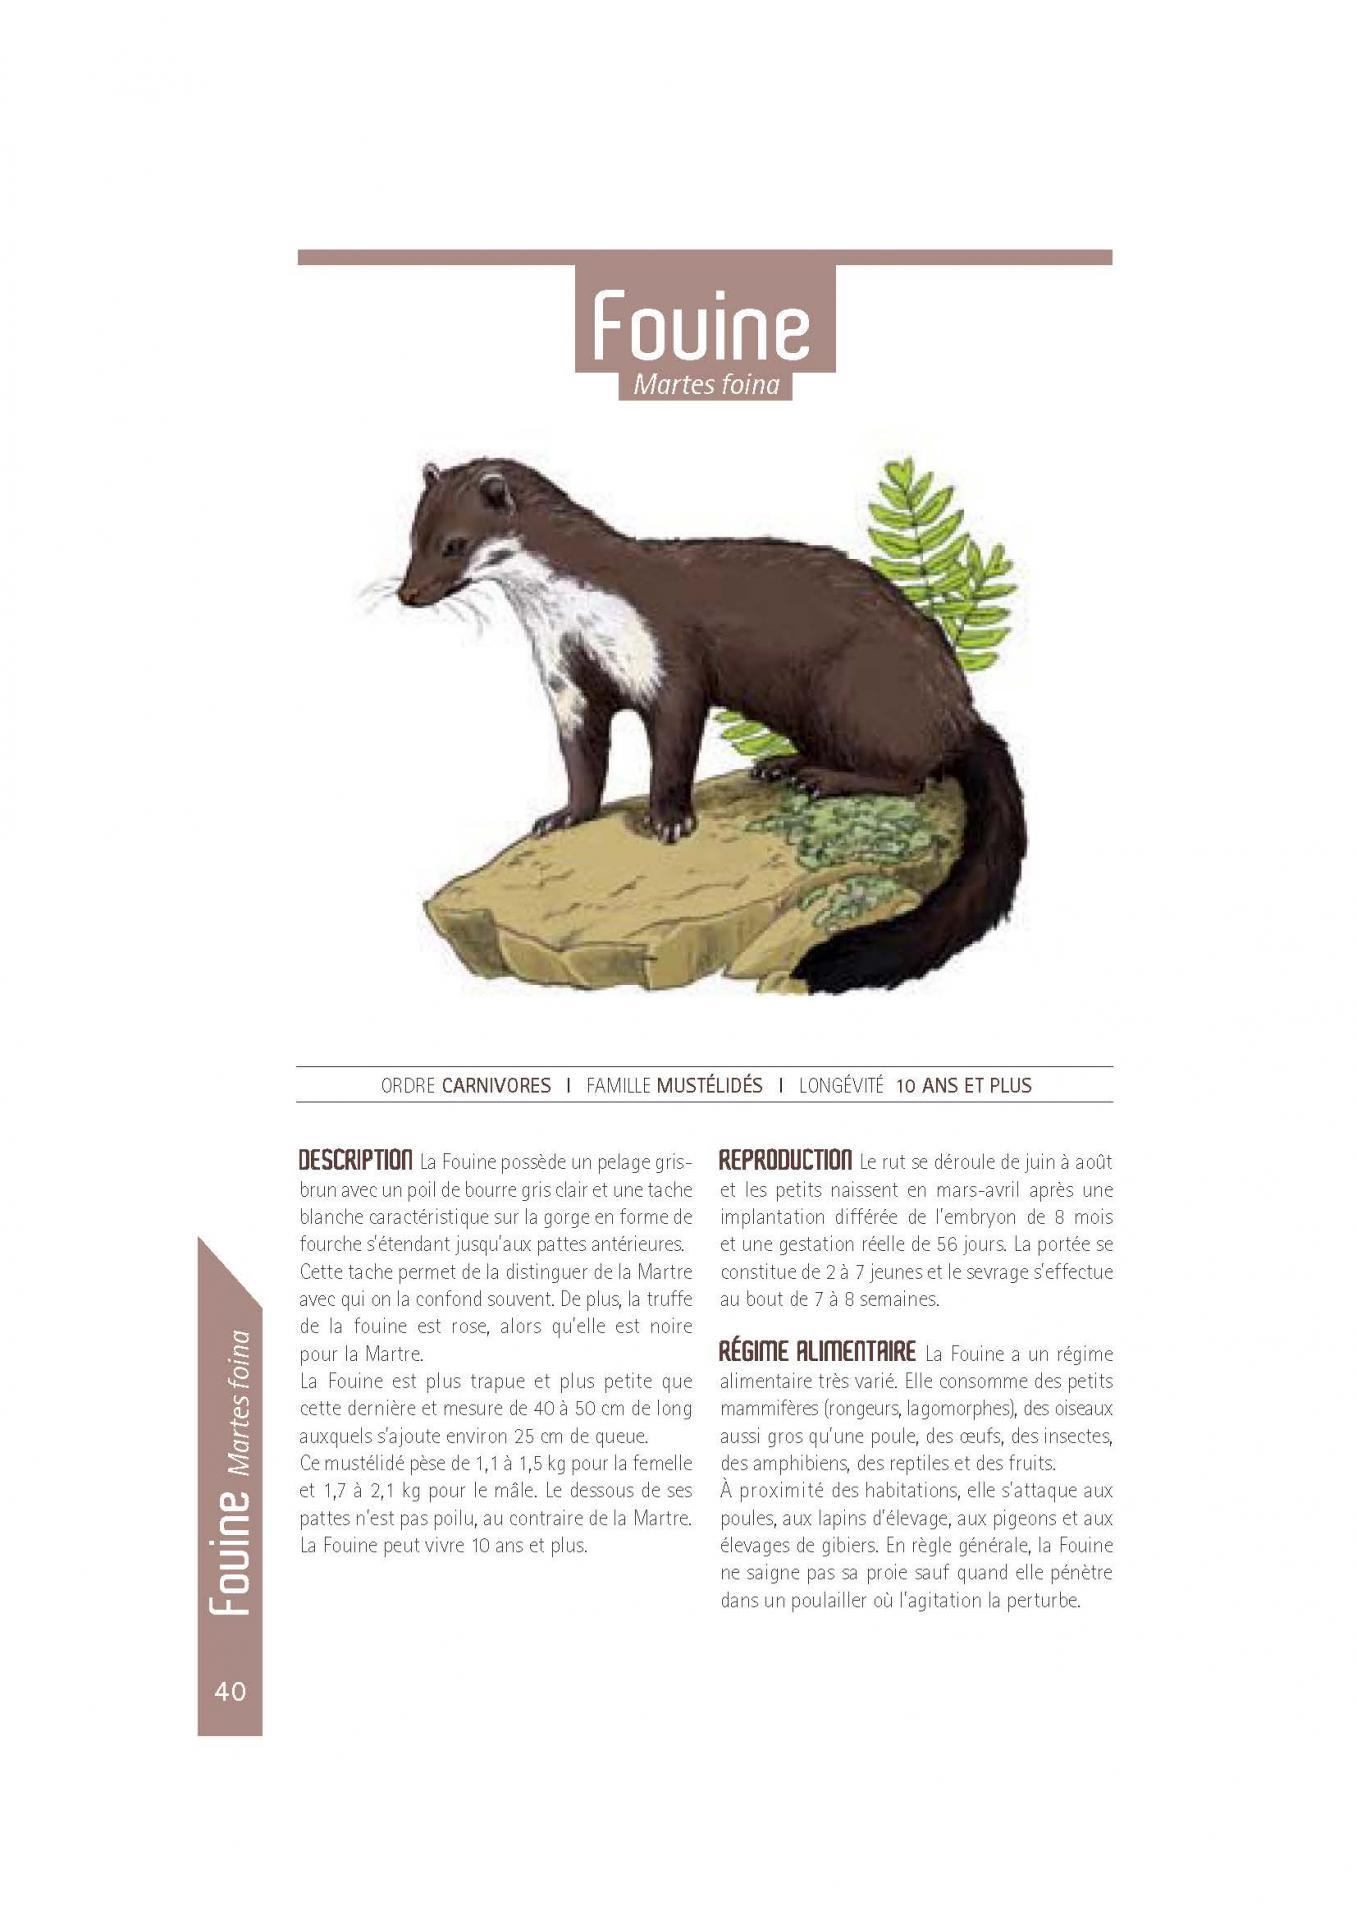 Fouine 2